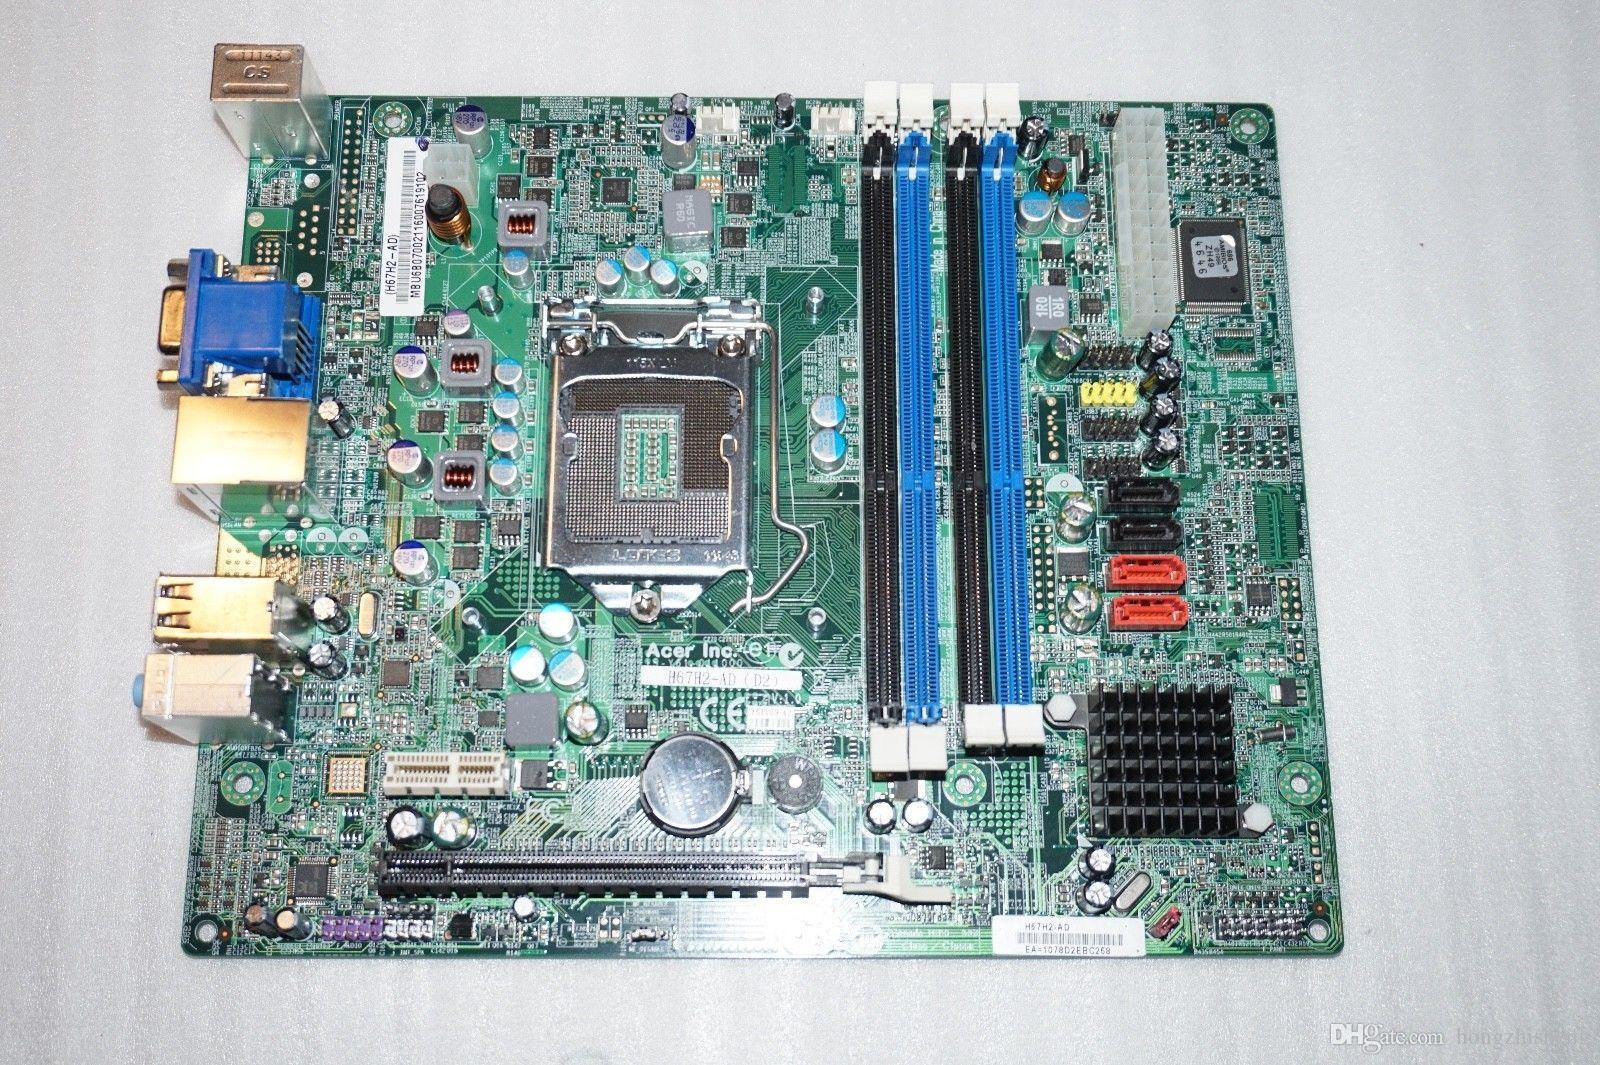 حرية الملاحة تشانجيسو للنظام الأصلي اللوحة H67 H67H2-AD D2 اللوحة ، H67 LAG1155 العمل تماما